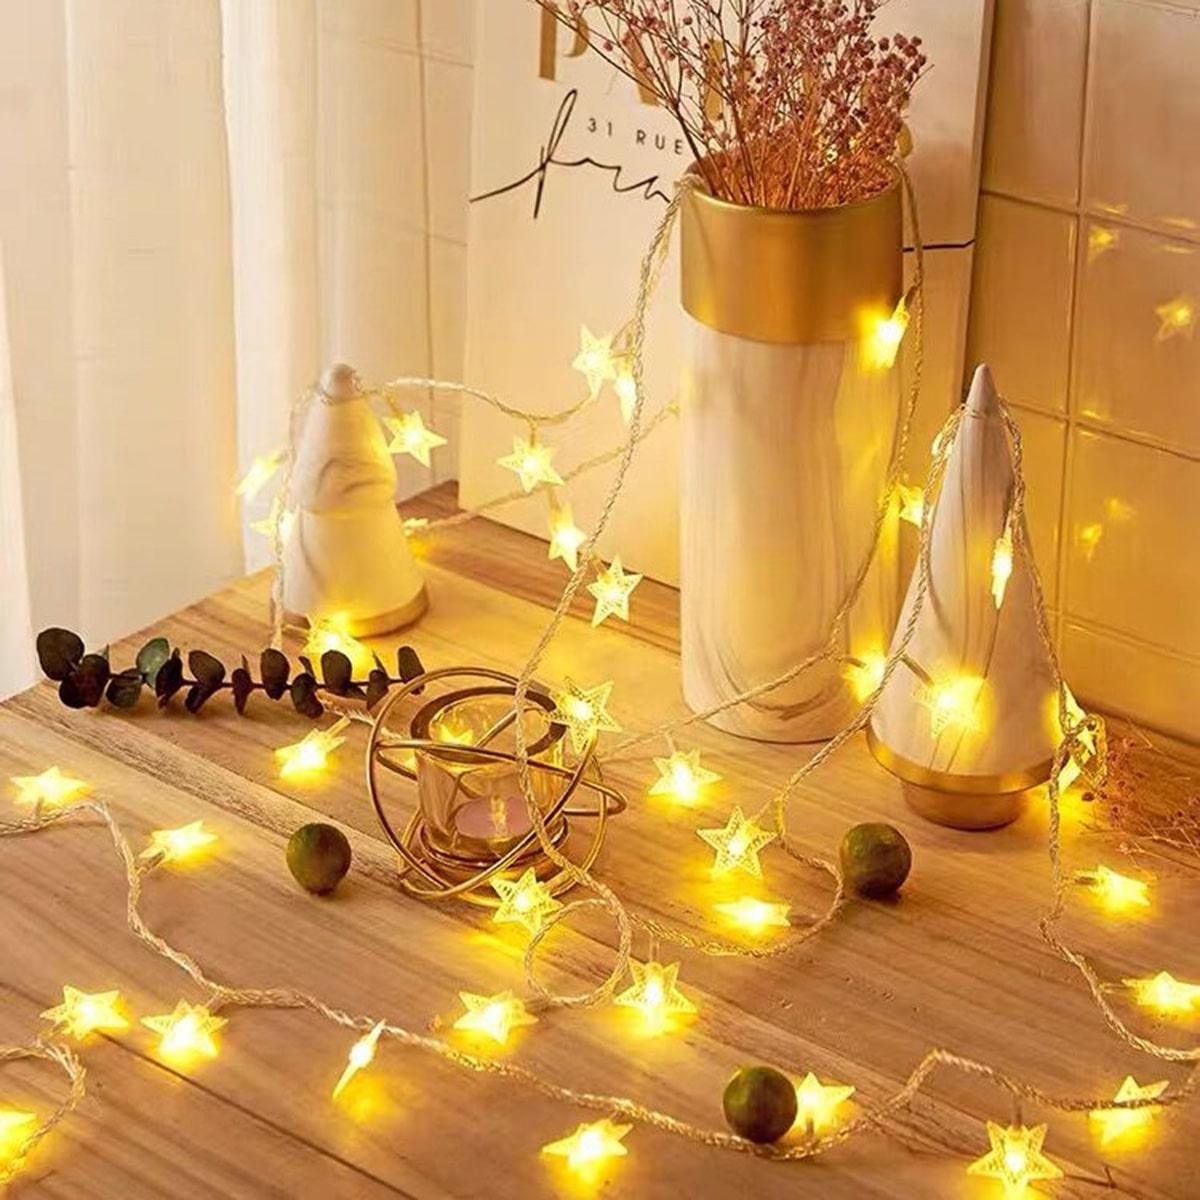 20шт ламп лампочная гирлянда в форме звезды